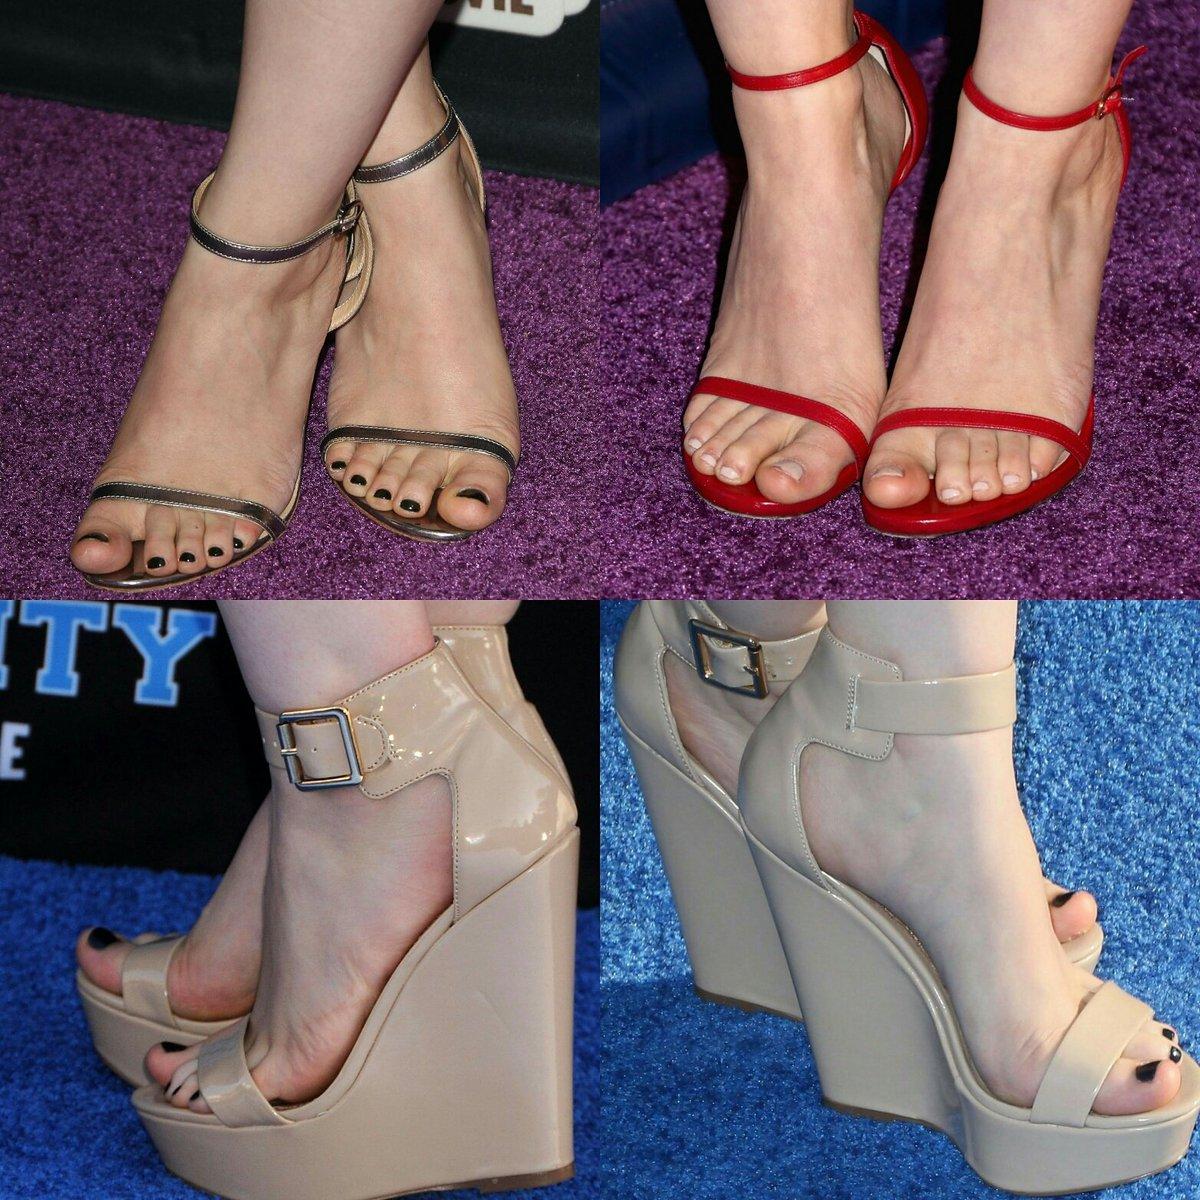 Feet dove cameron Dove Cameron